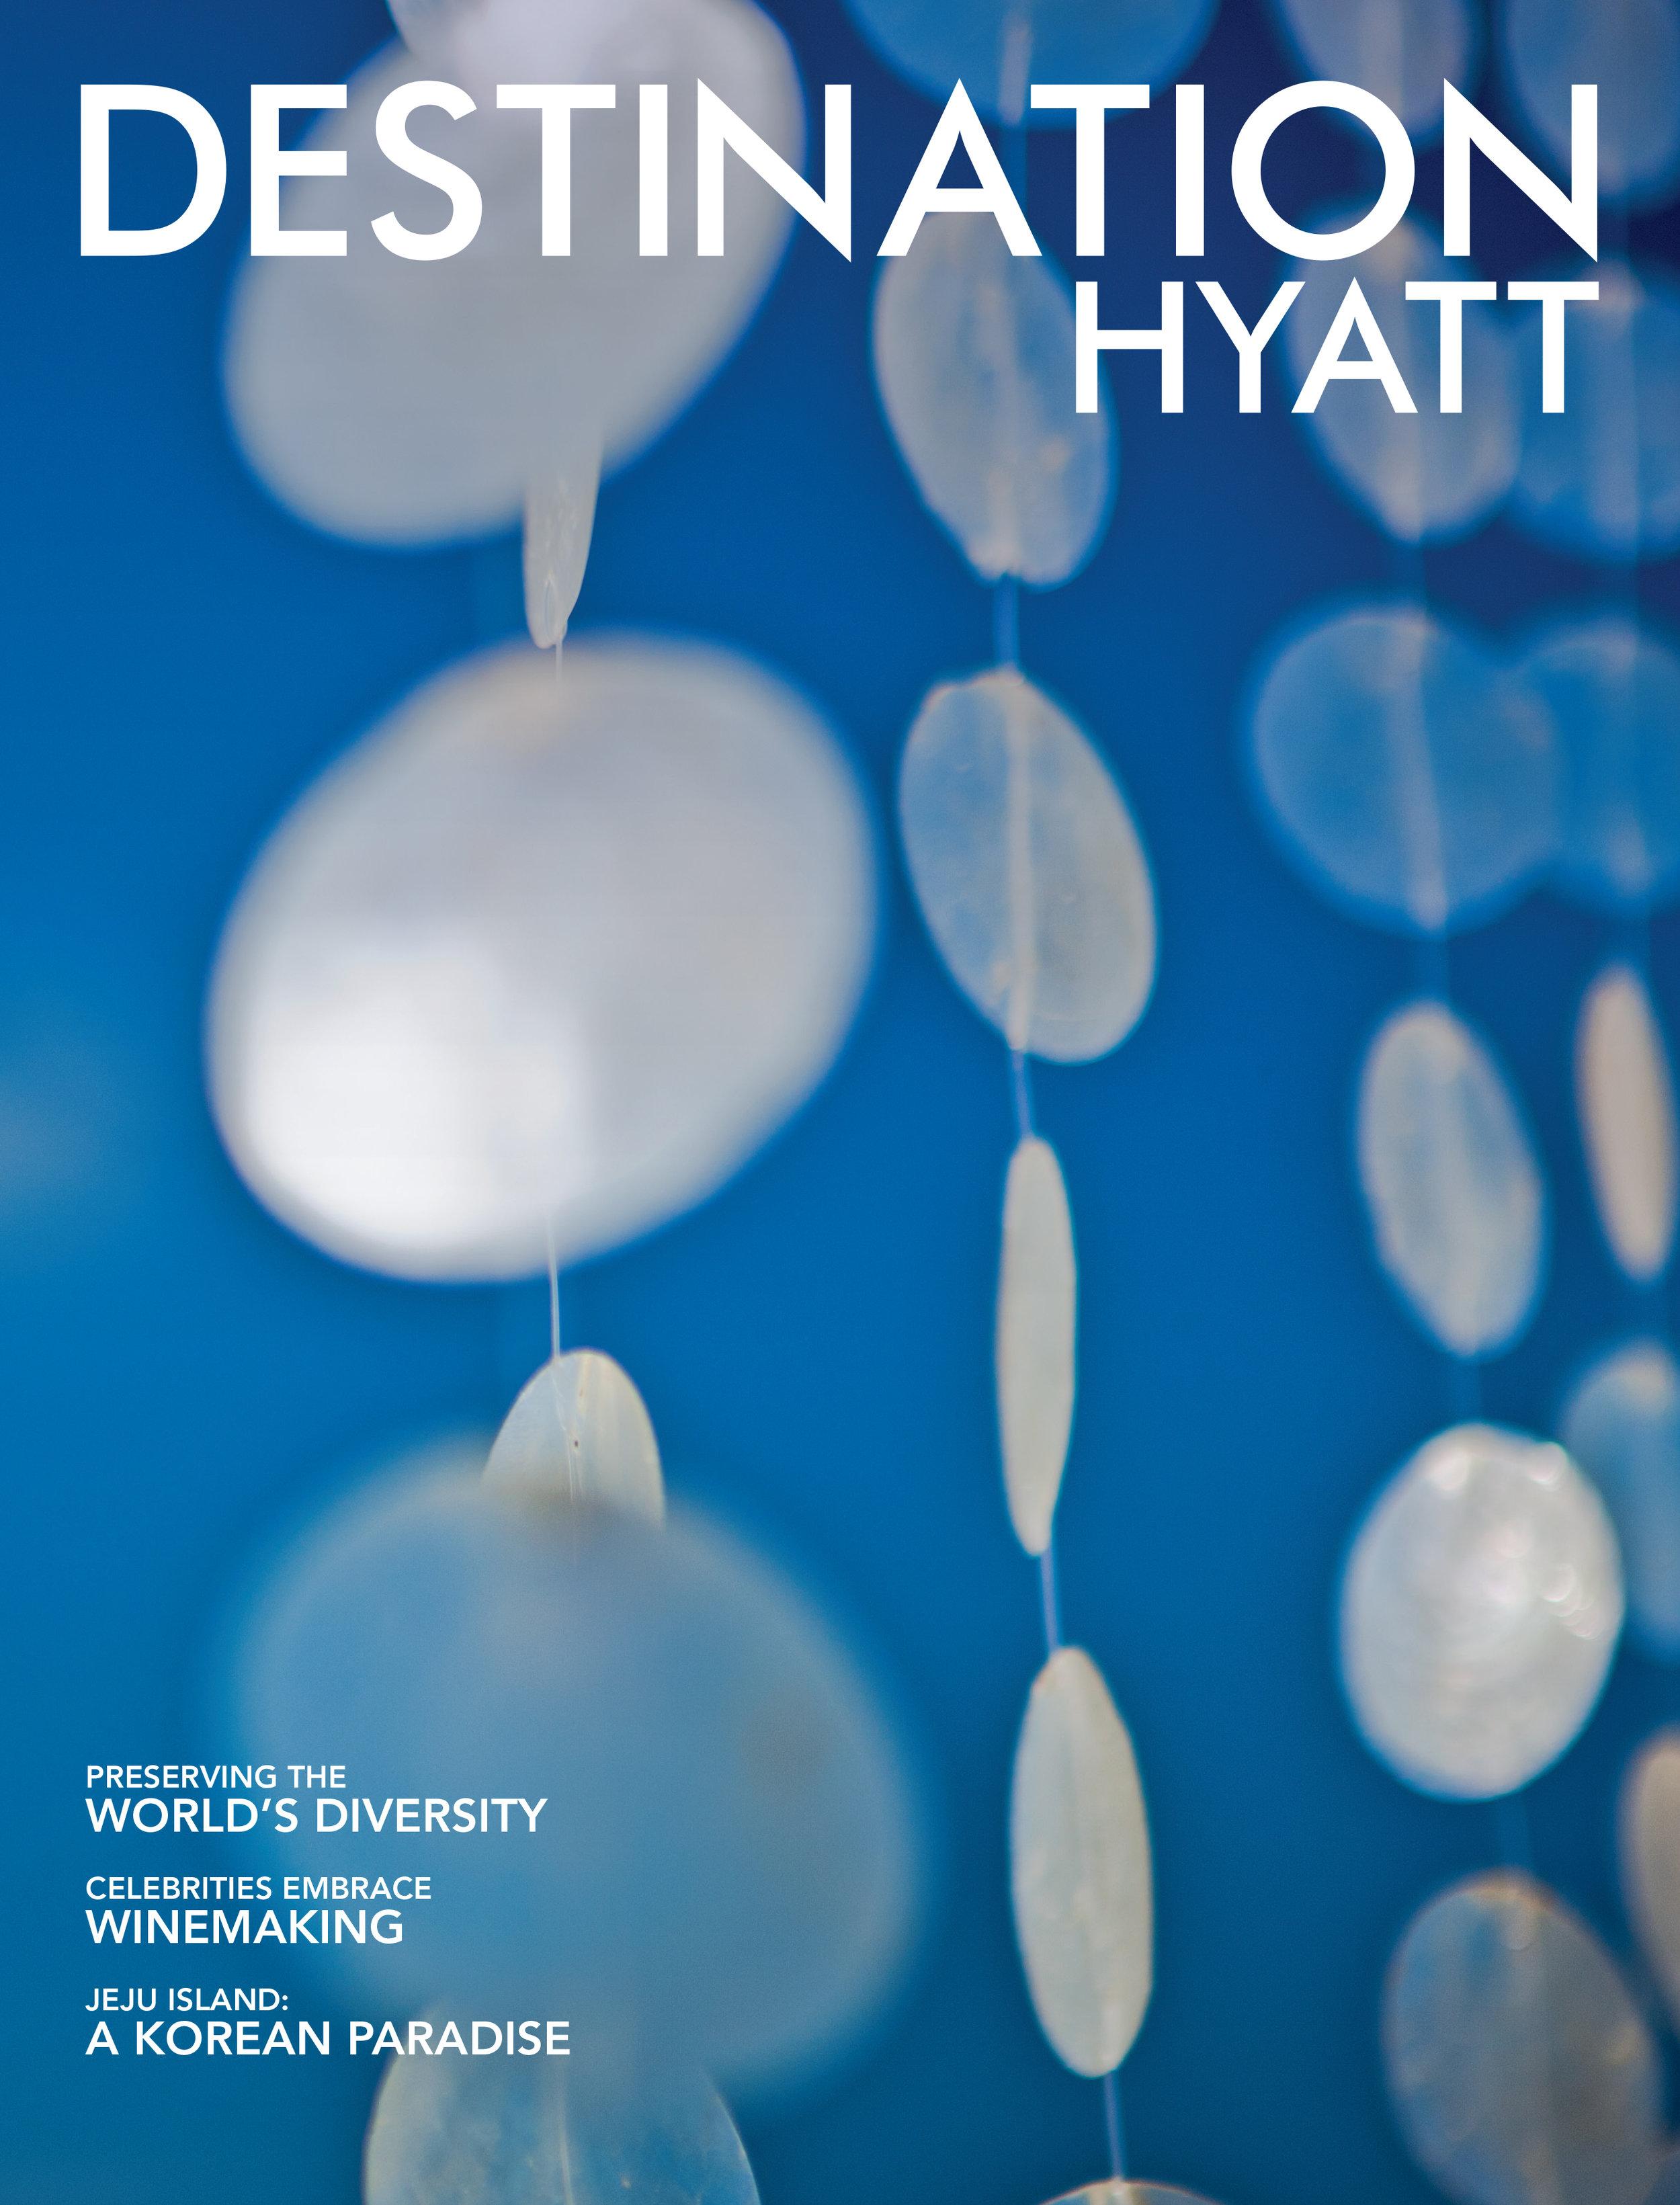 Destination Hyatt